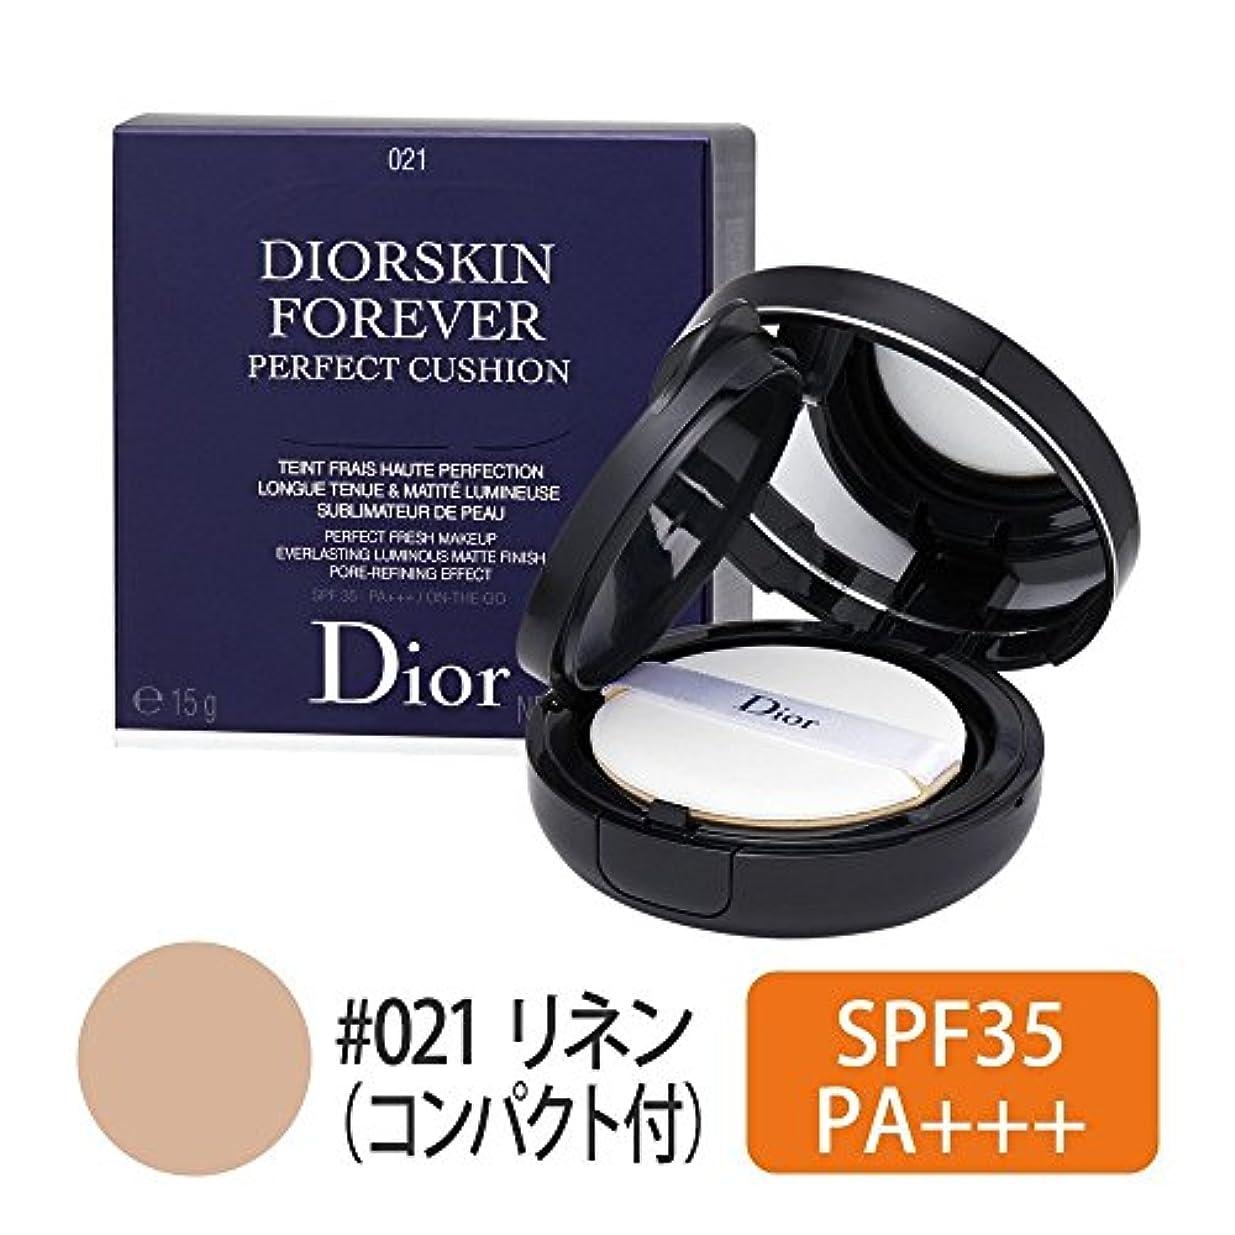 プレビスサイトただやるケントクリスチャン ディオール(Christian Dior) ディオールスキン フォーエヴァー クッション #021 リネン 15g[並行輸入品]